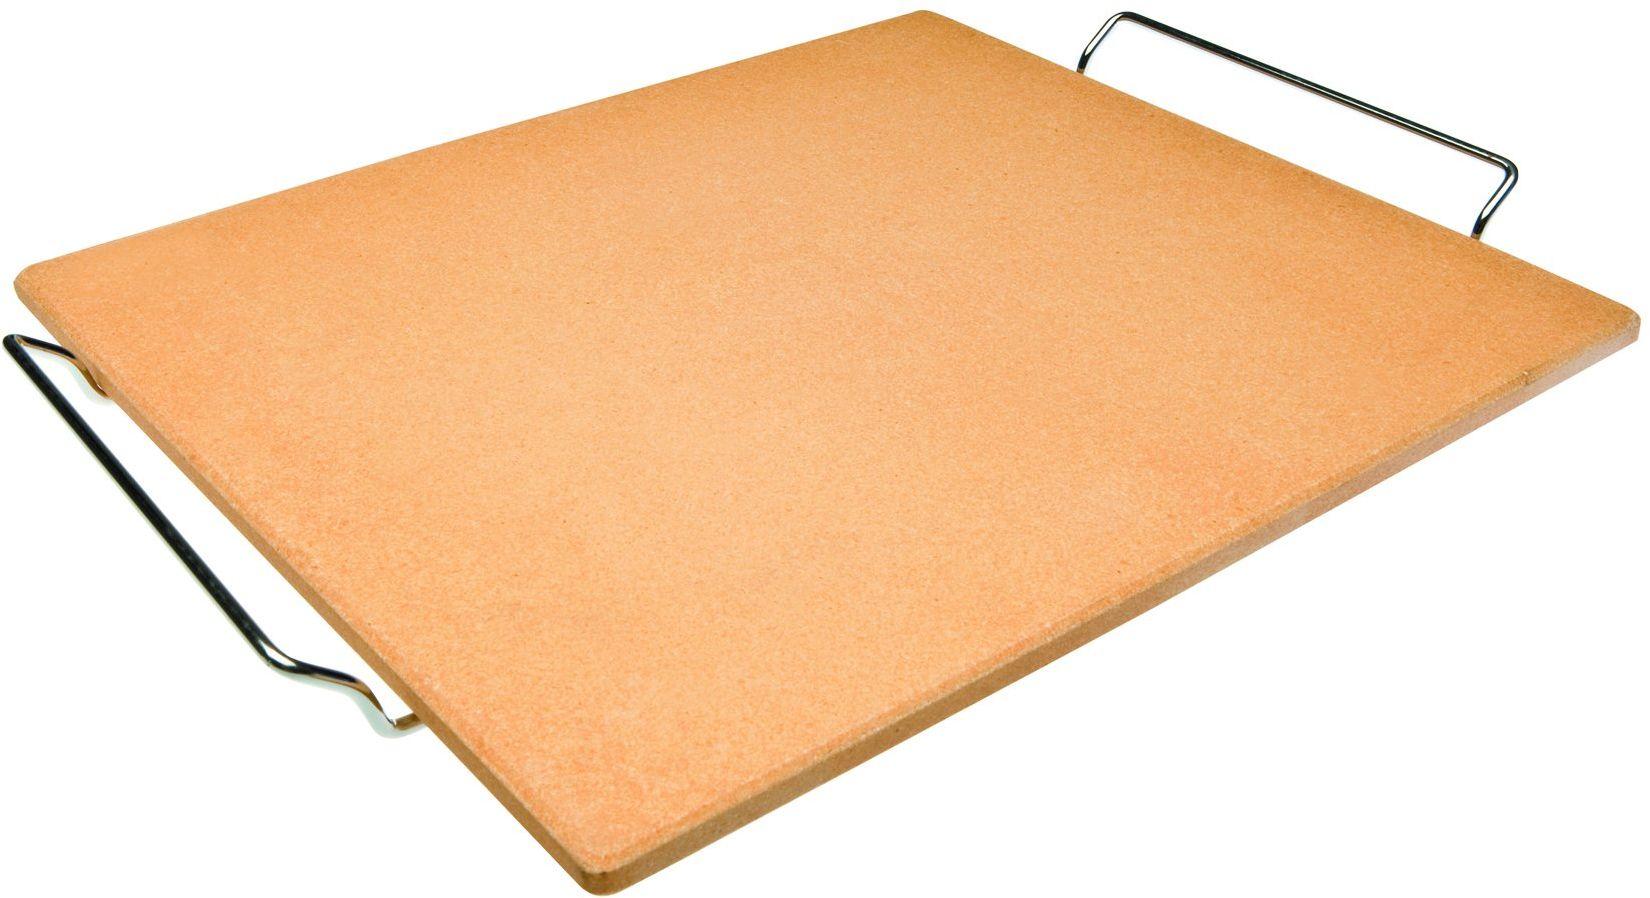 Ibili 784338 kamień do pizzy, prostokątny, 38 cm x 30 cm x 1 cm, pomarańczowy